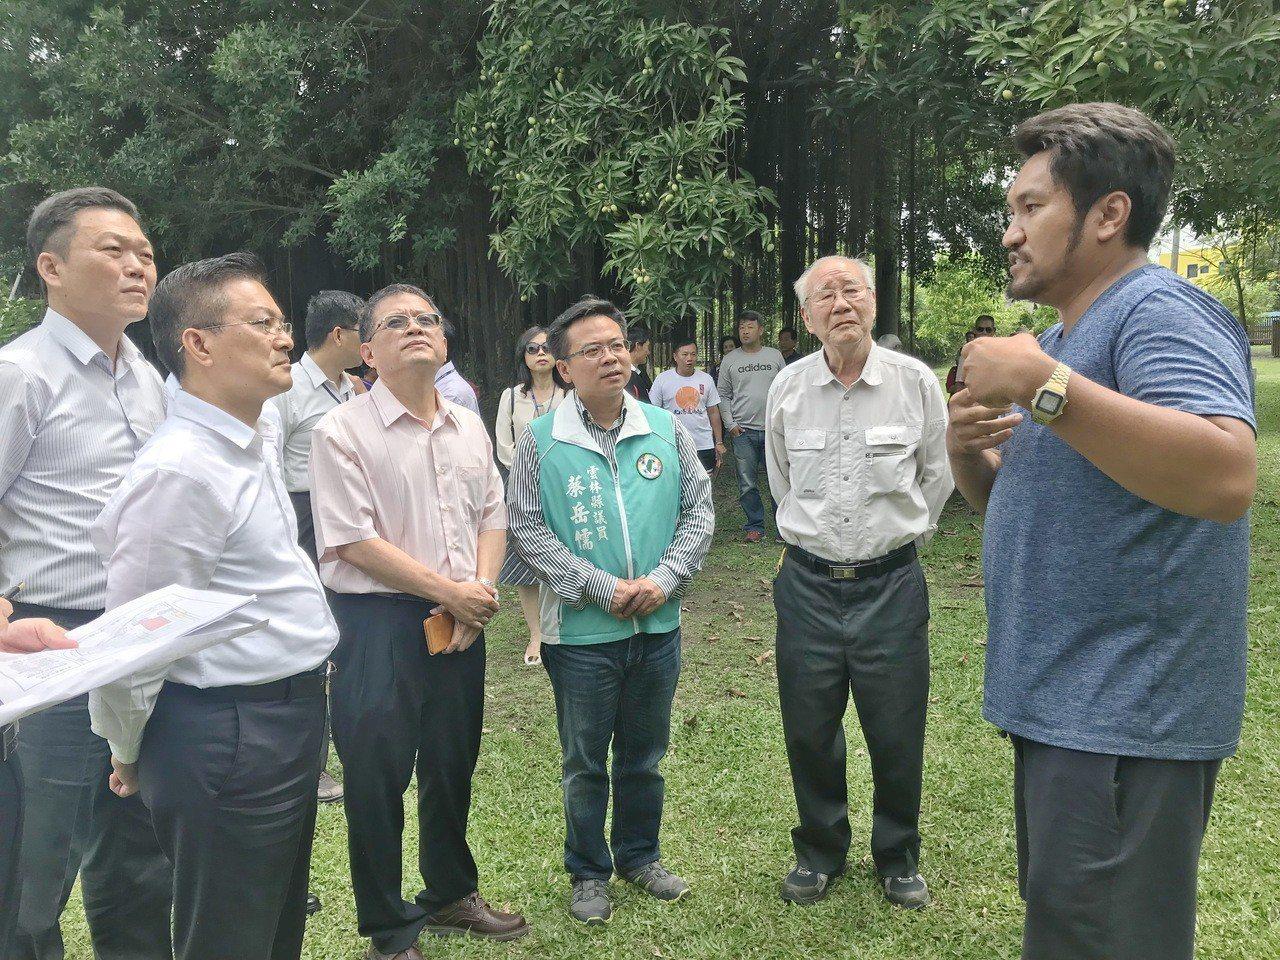 地方文史人士向台水董座魏明谷說明北港的水道頭歷史。記者蔡維斌/攝影